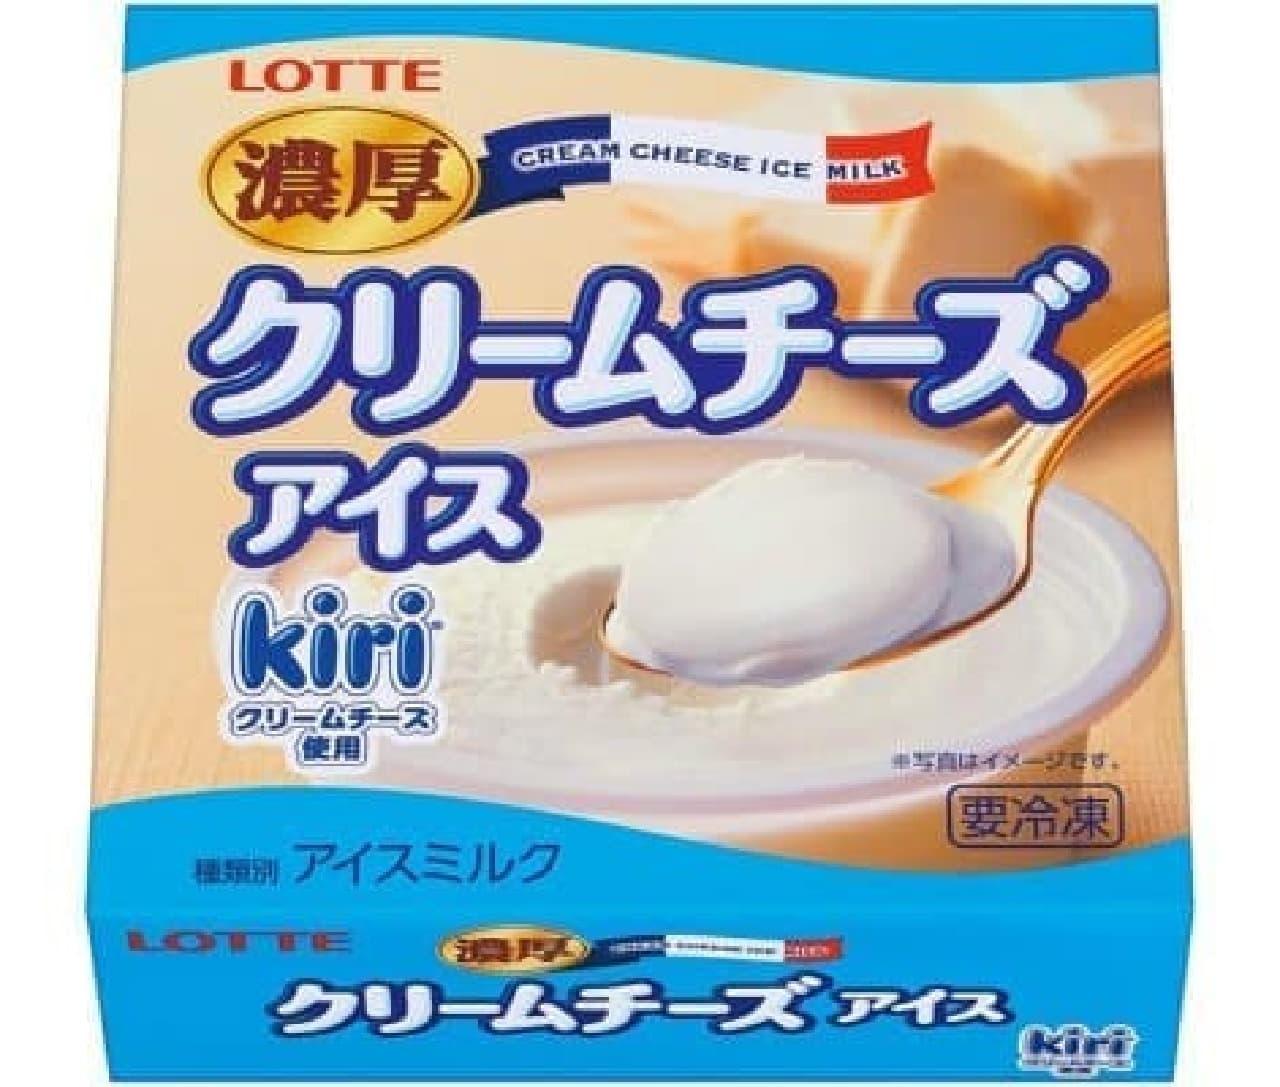 「ロッテ濃厚クリームチーズアイス(kiri)」